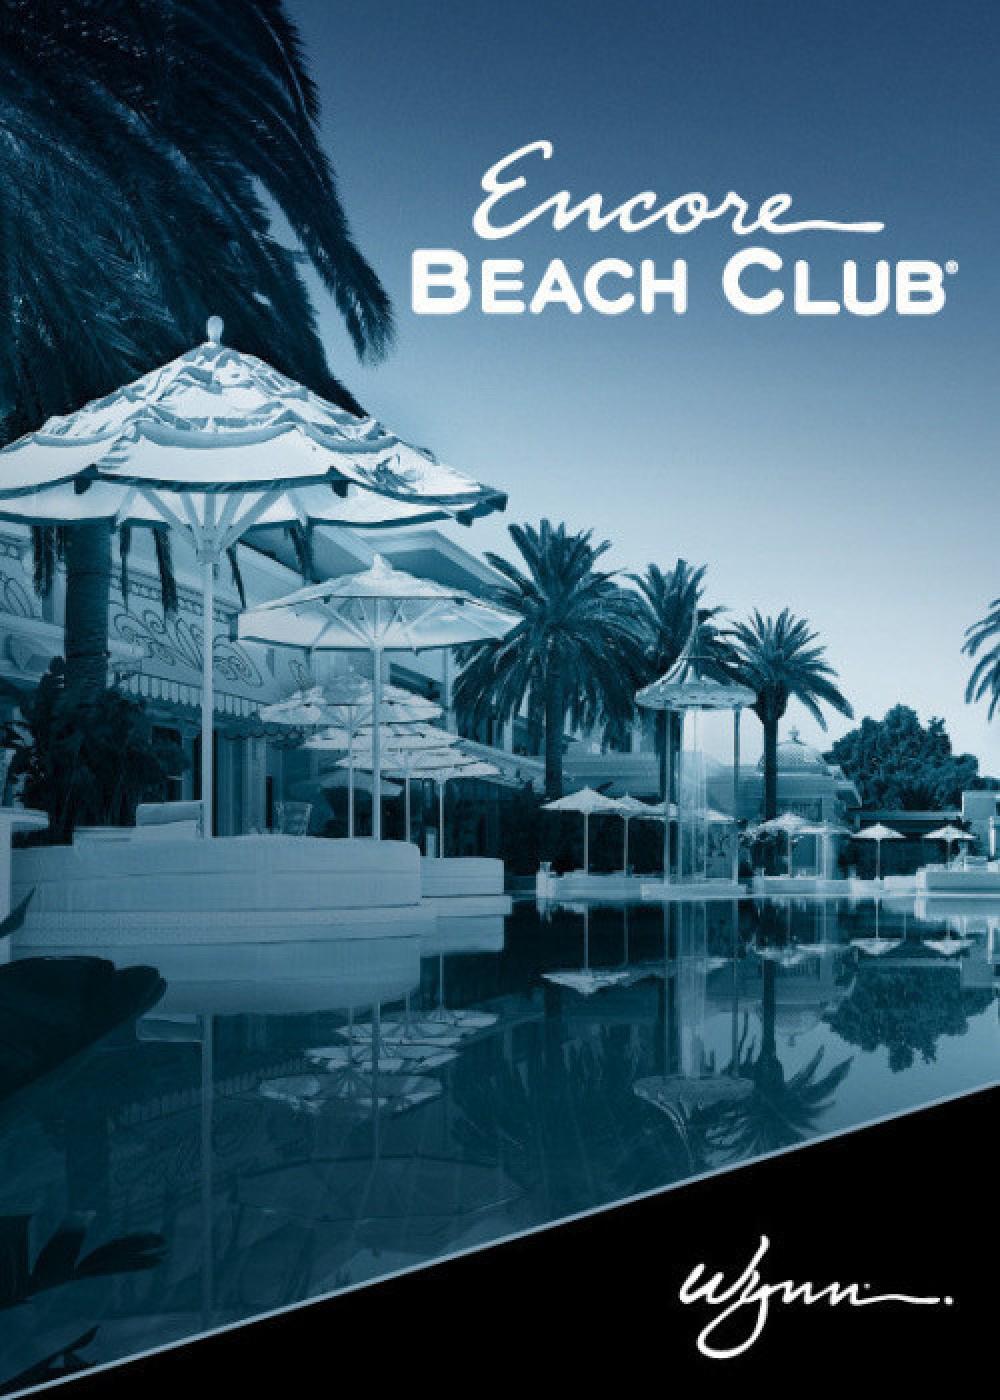 Insomniac Records Pool Party at Encore Beach Club Las Vegas thumbnail